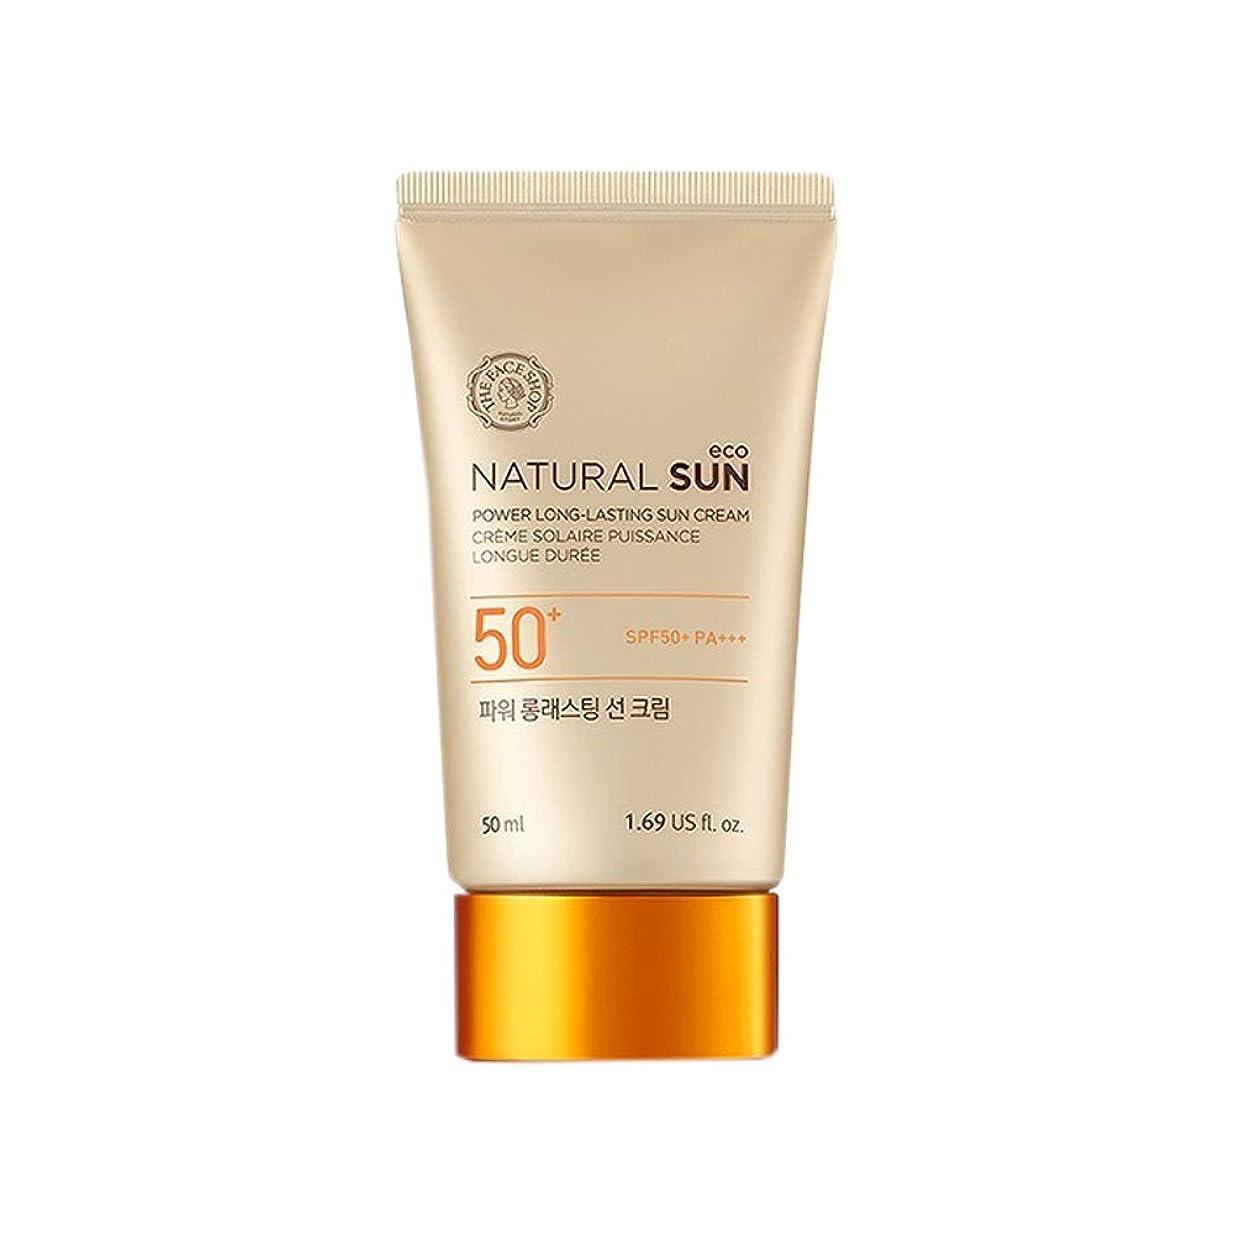 水差し寛容な直接[ザ?フェイスショップ] The Face Shop ナチュラルサン エコ パワー ロングラスティング サン クリーム SPF50+PA+++50ml The Face Shop Natural Sun Eco Power Long-Lasting Sun SPF50+PA+++50ml [海外直送品]